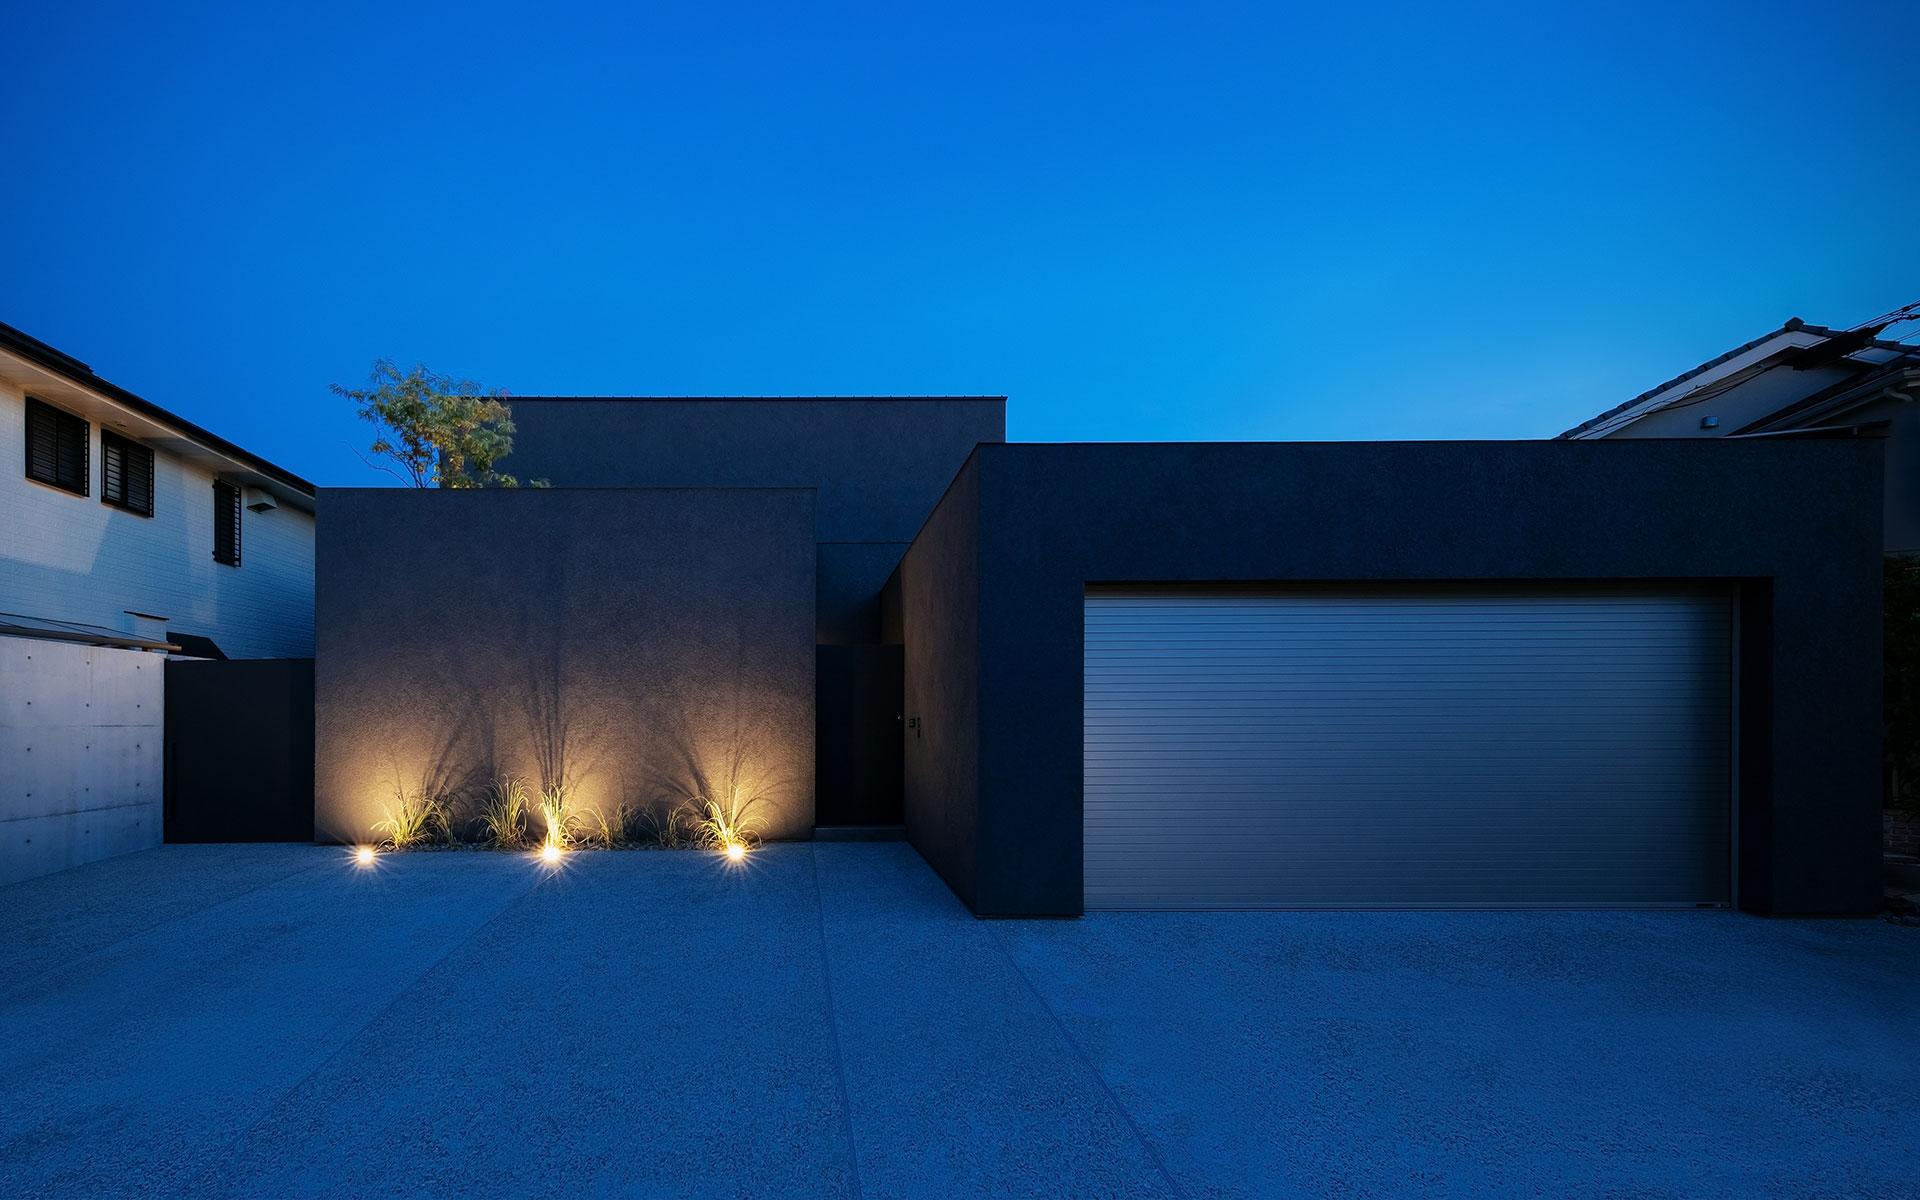 水盤のあるコートハウスのライトアップされた夕景写真